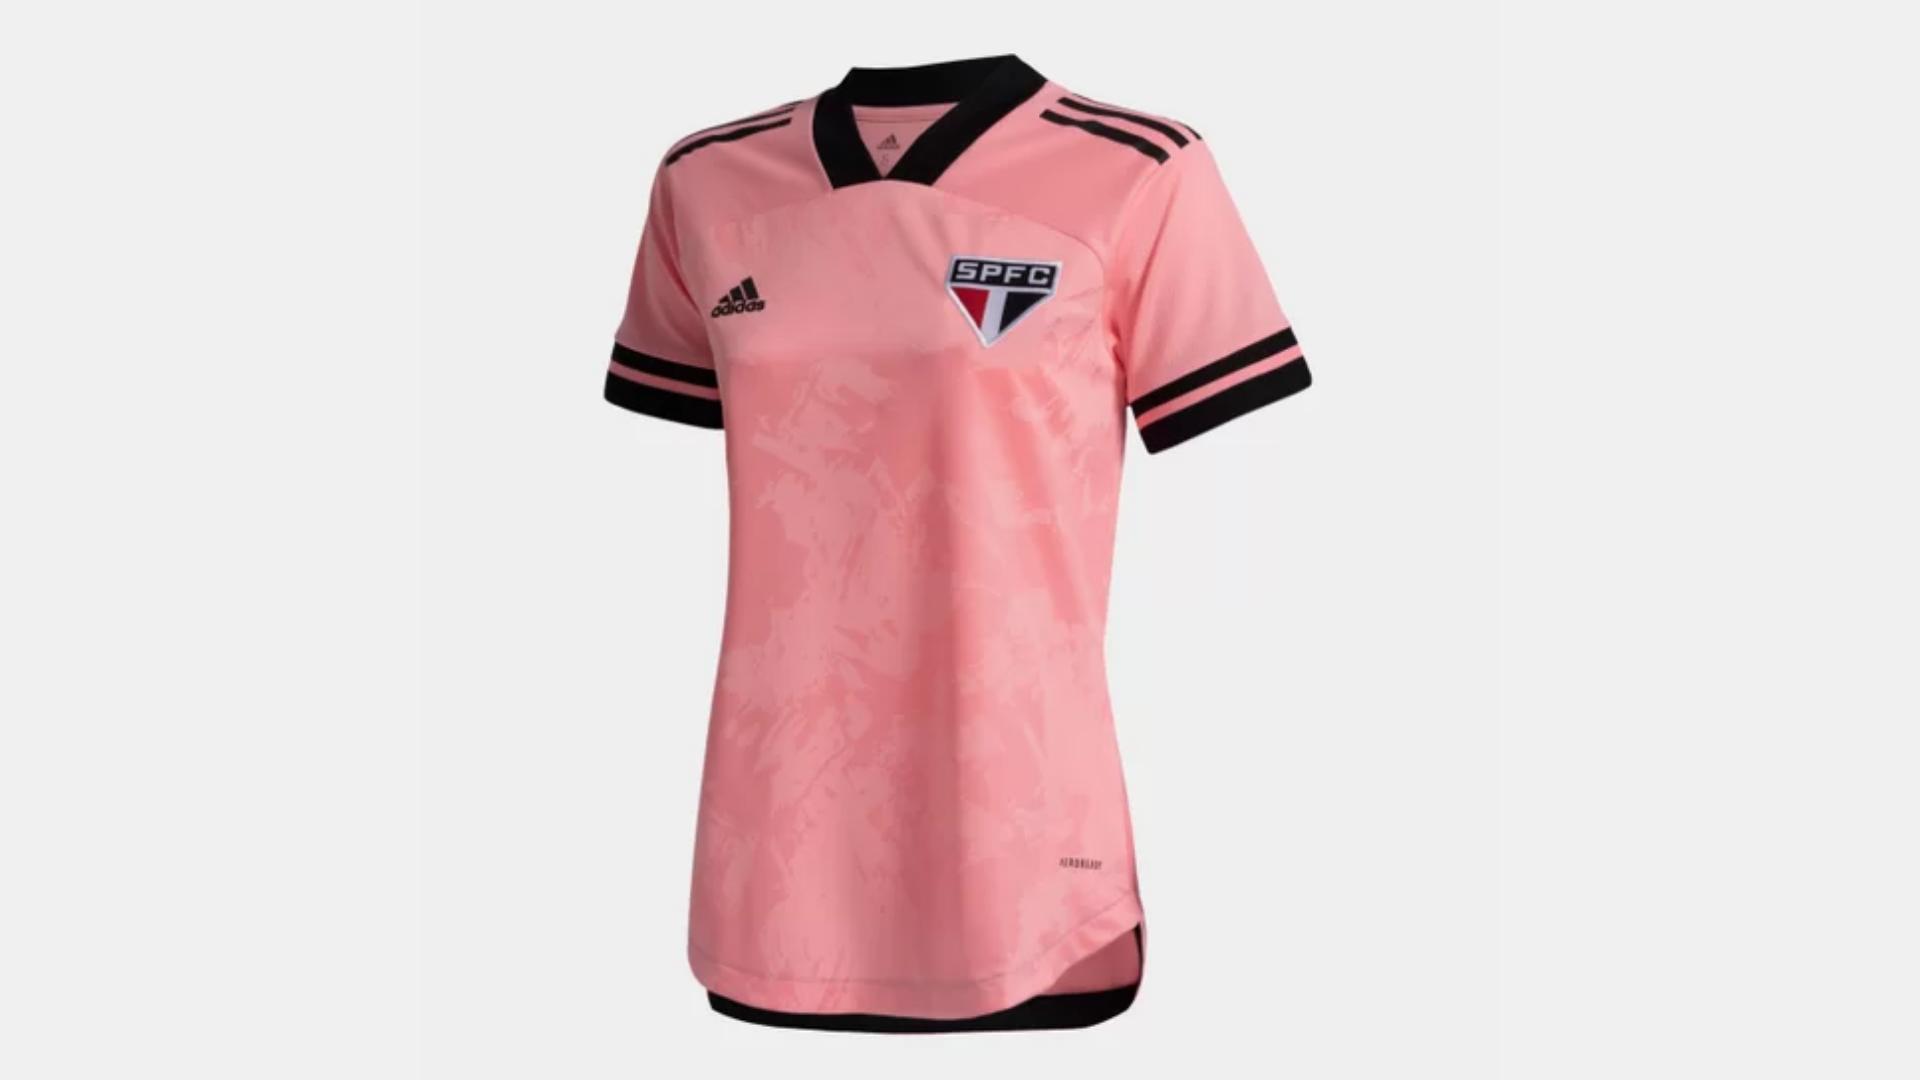 Camisa do São Paulo Rosa 2020 Adidas Outubro Rosa (Imagem: Divulgação/Adidas)